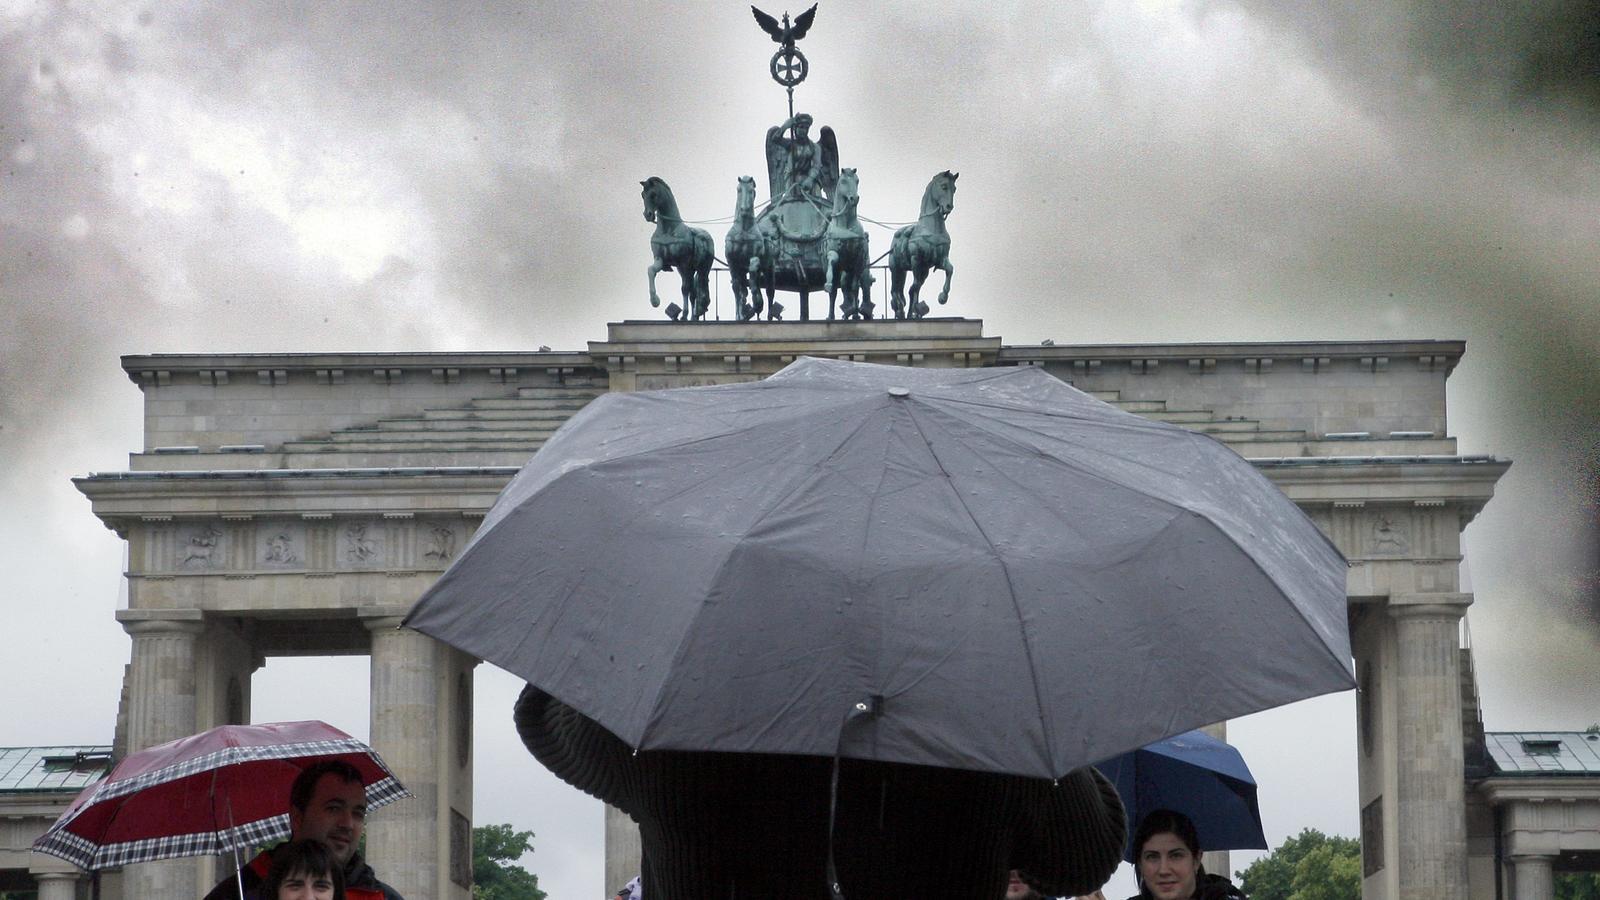 Regenprognose Nächsten Drei Bis Sieben Tage Für Europa